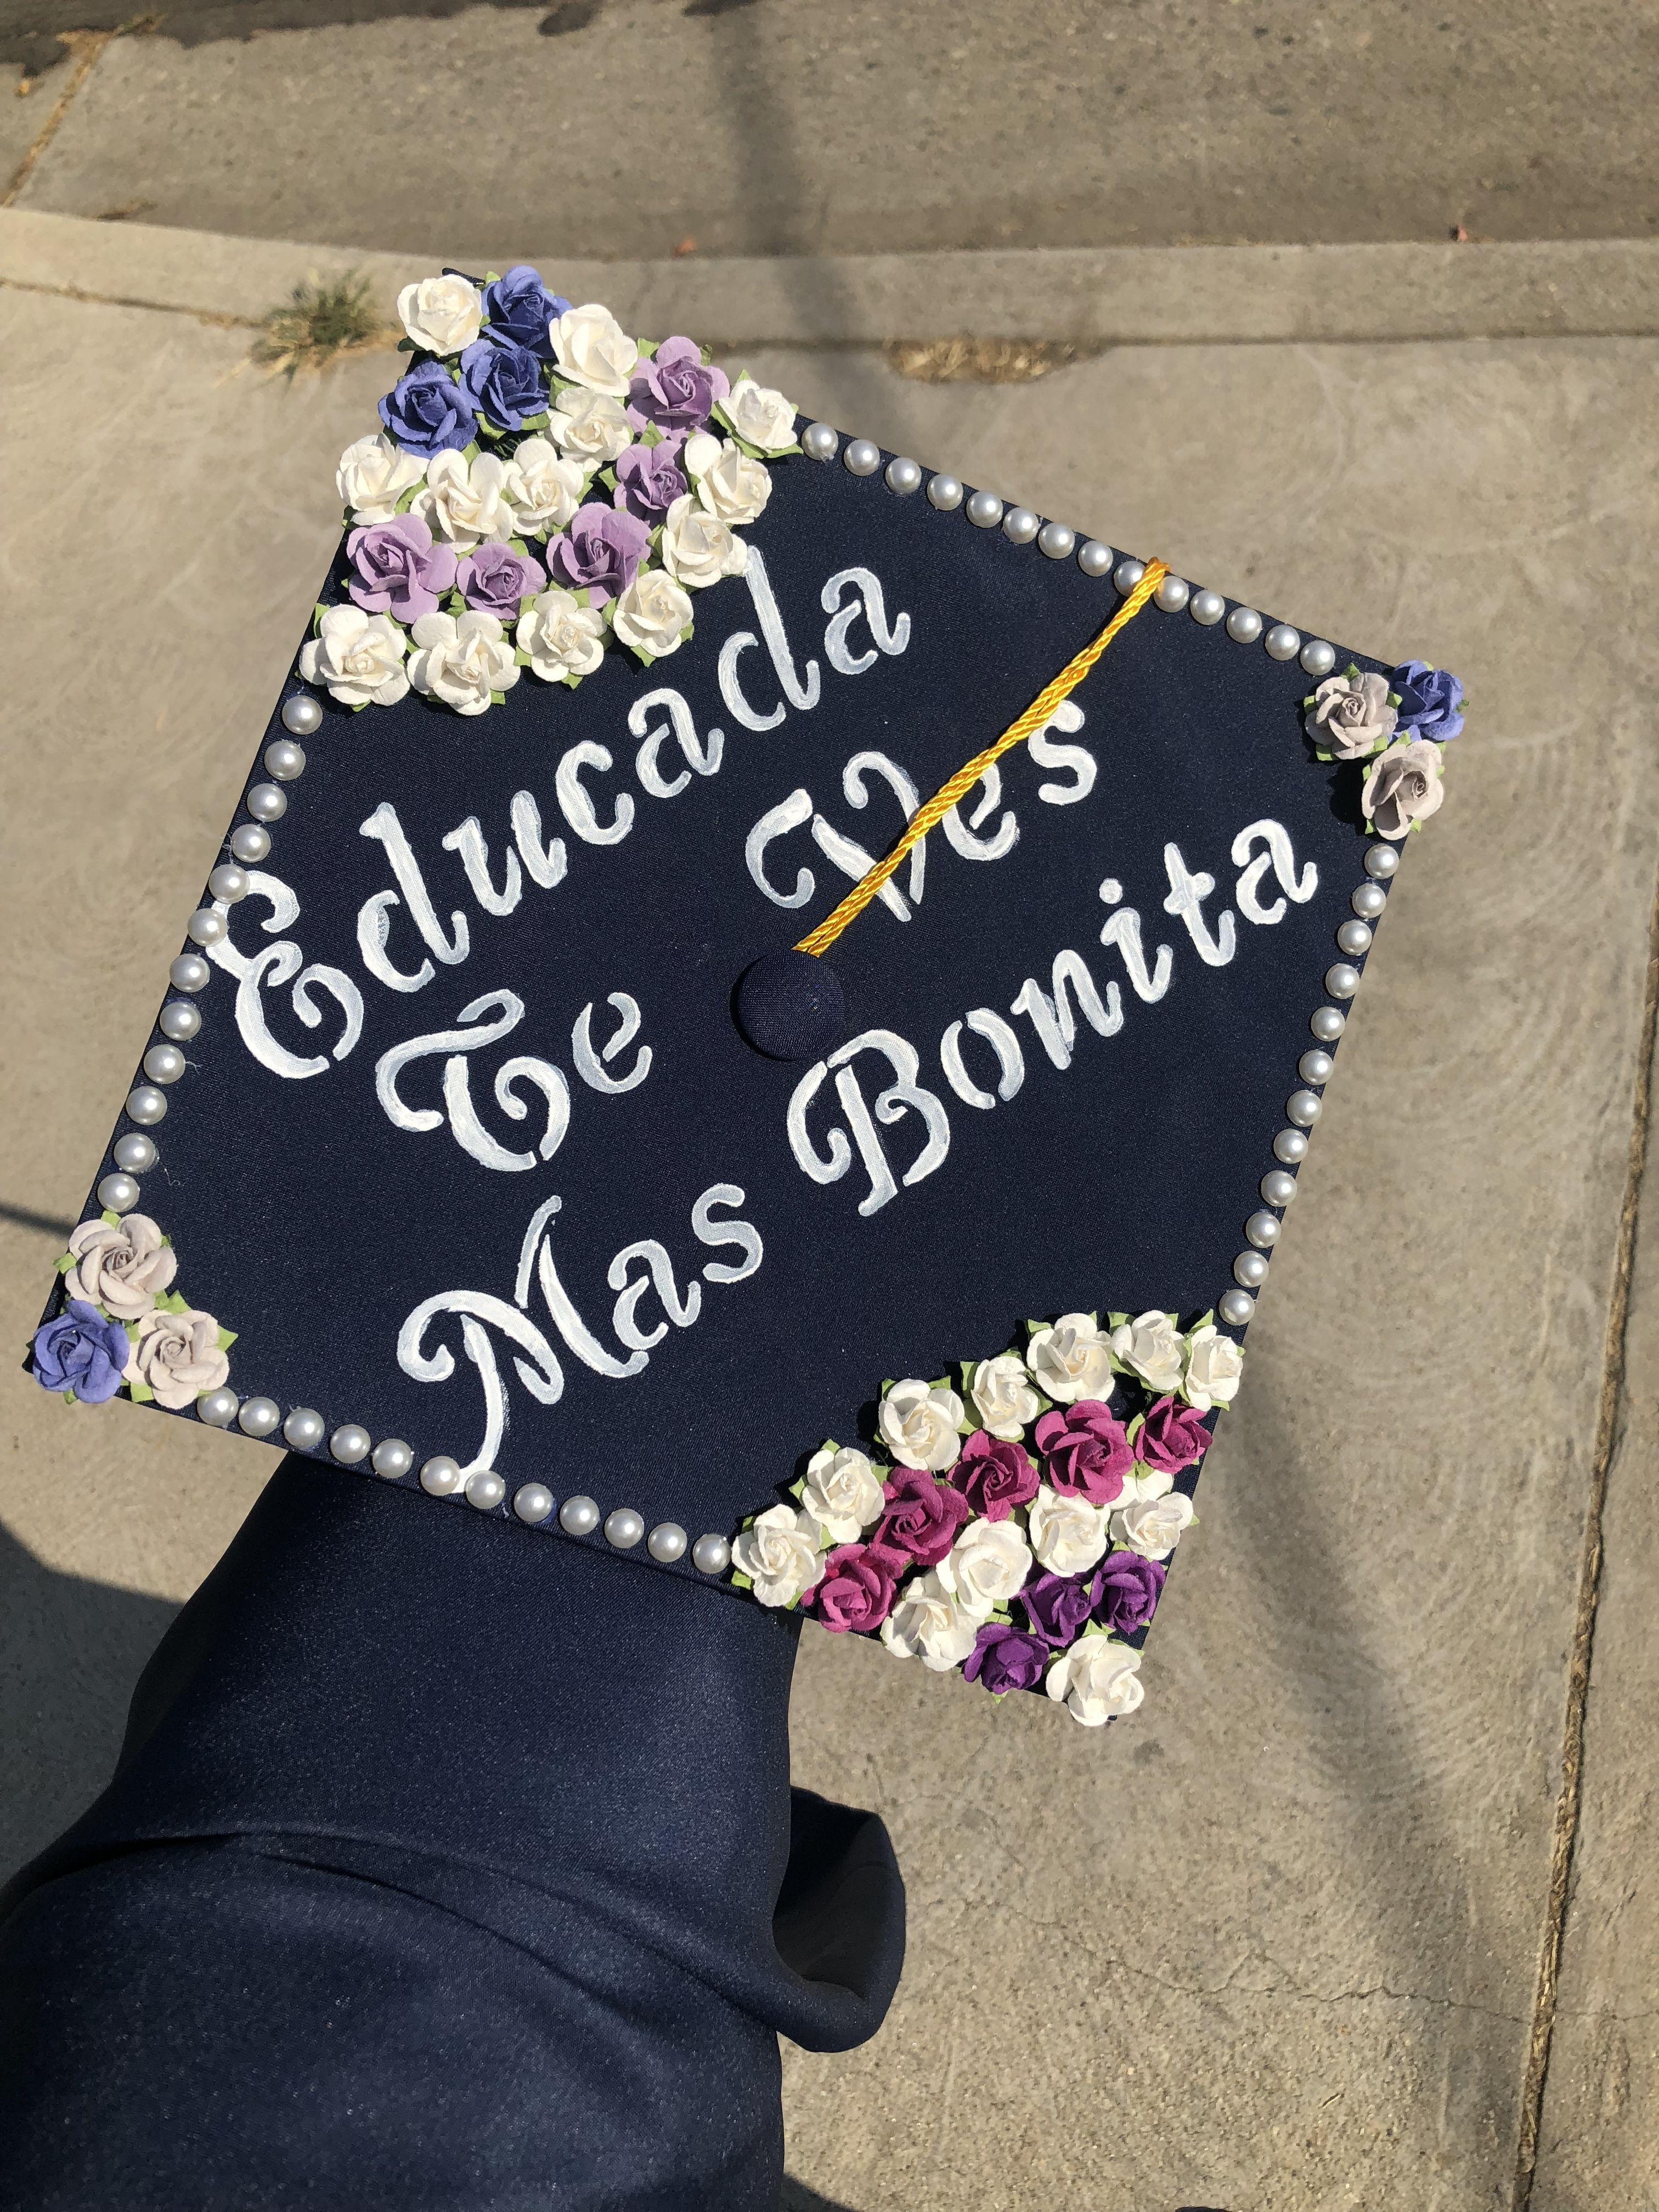 Graduation Cap Spanish Graduation Cap Decoration College Graduation Cap Graduation Cap